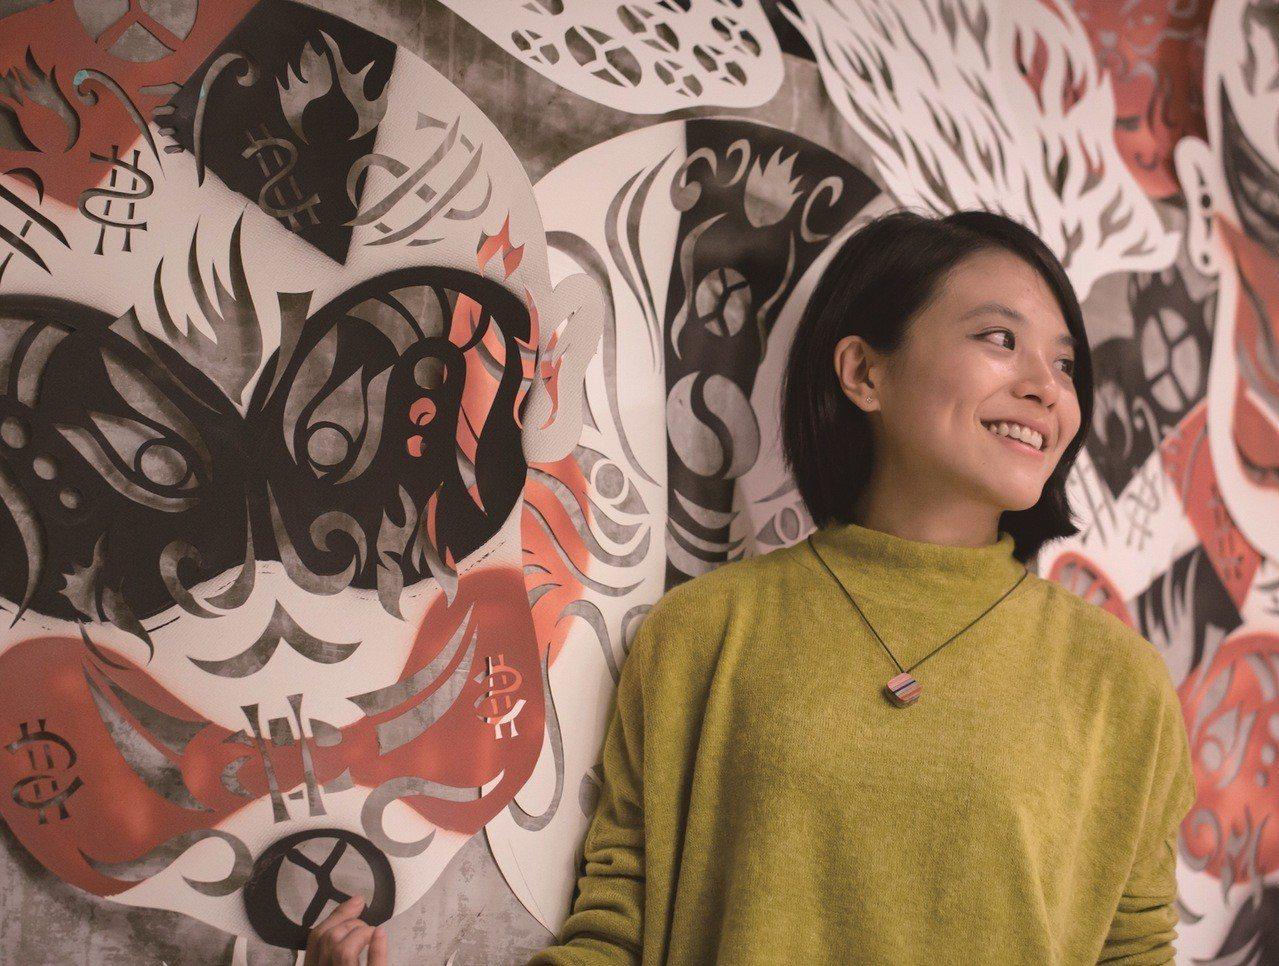 紙雕藝術家成若涵用創作把春天帶進比漾廣場。圖/比漾廣場提供